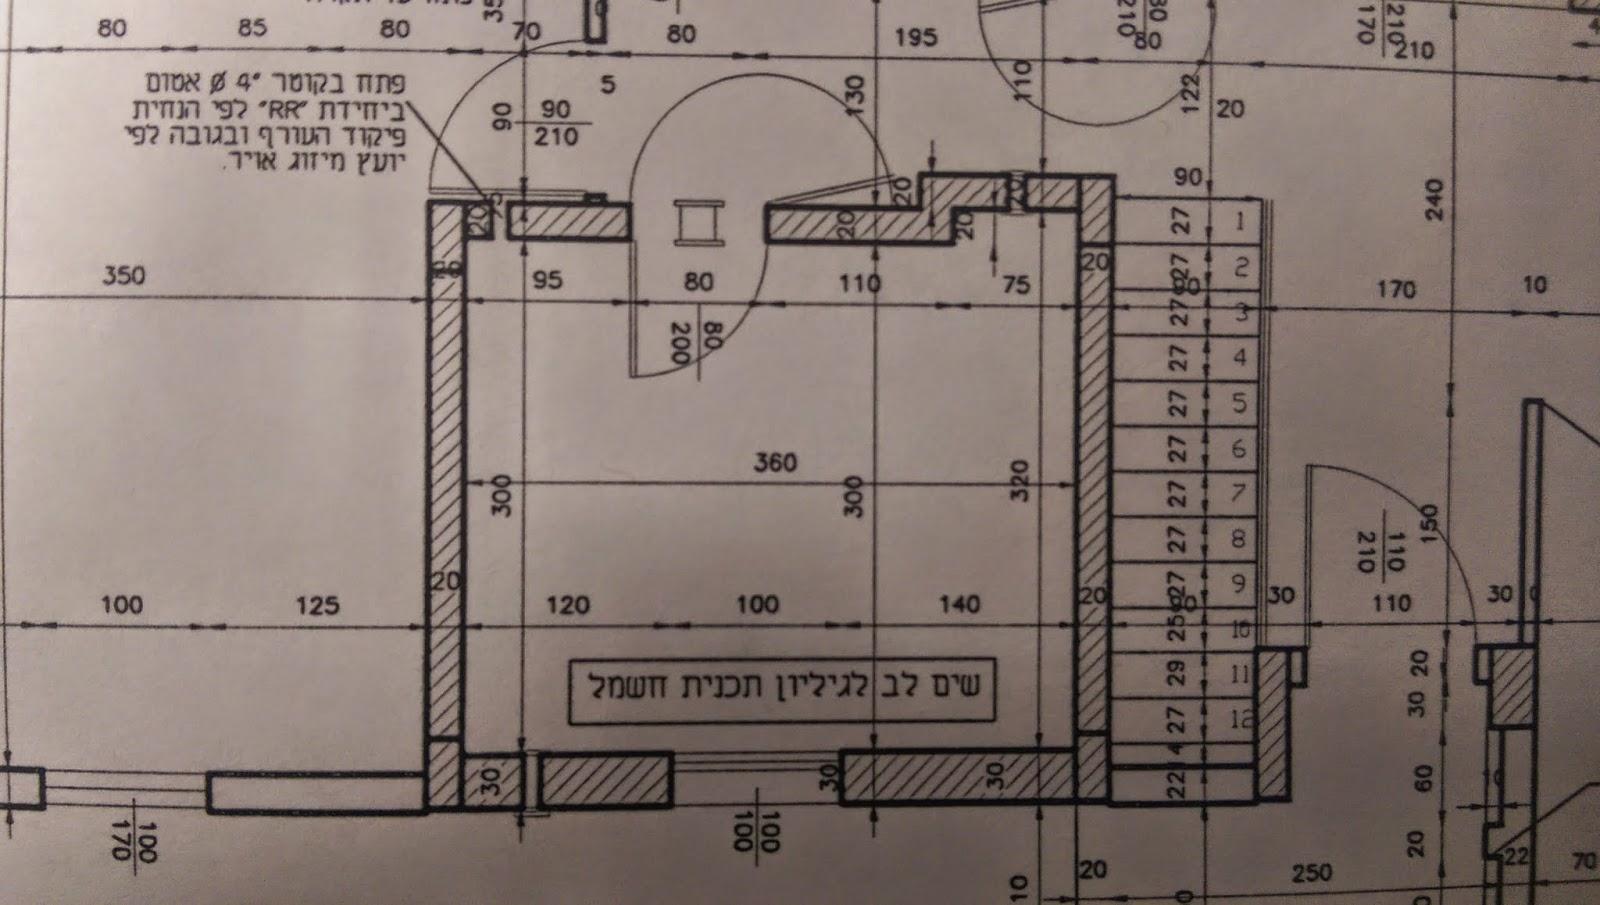 """תוכנית אדריכלית- תוכנית ממ""""ד כולל גדלים"""